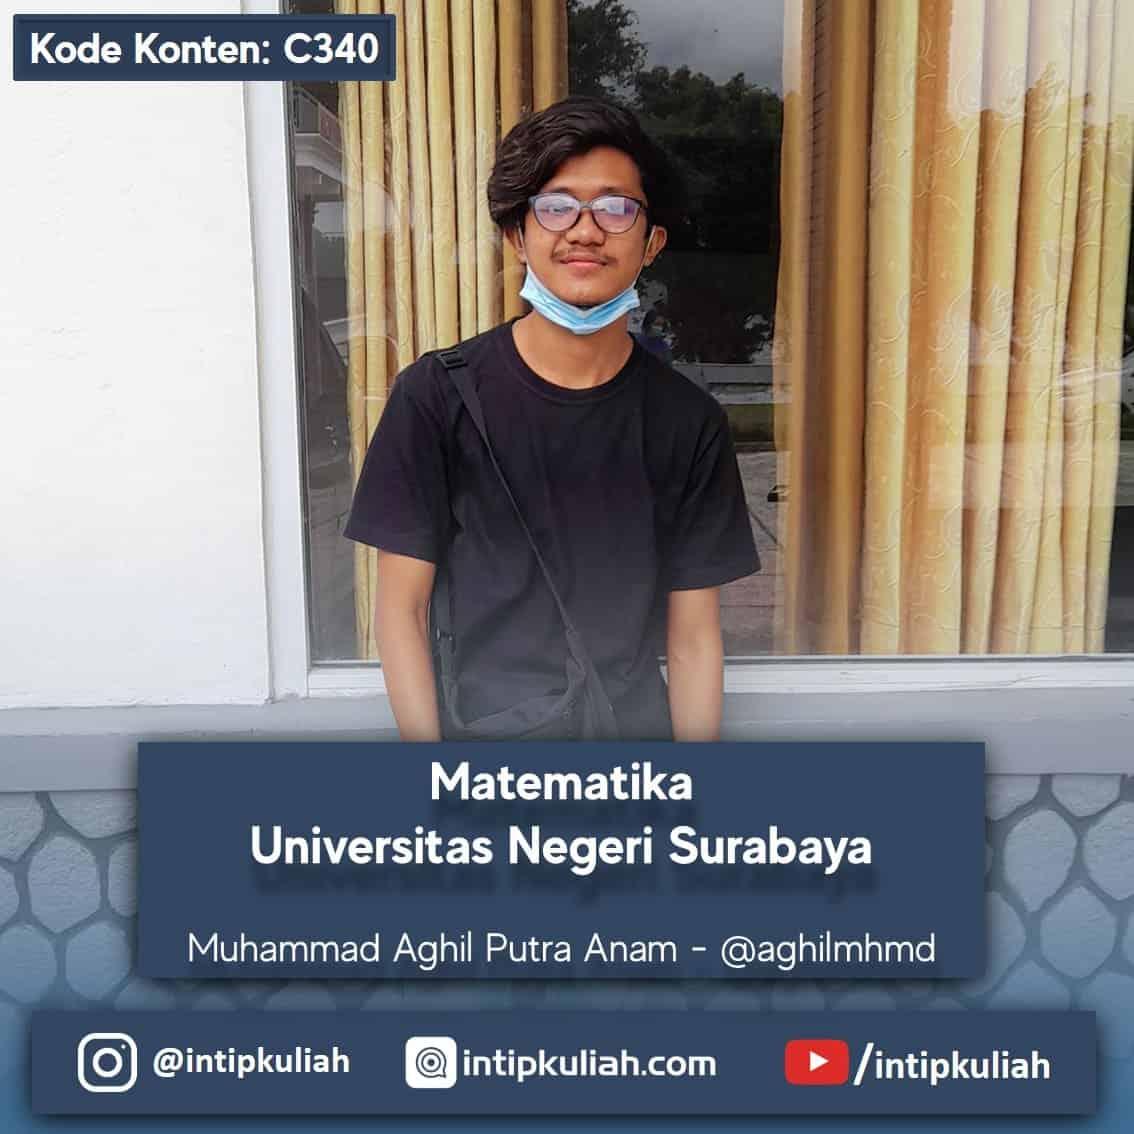 Matematika Universitas Negeri Surabaya (Aghil)